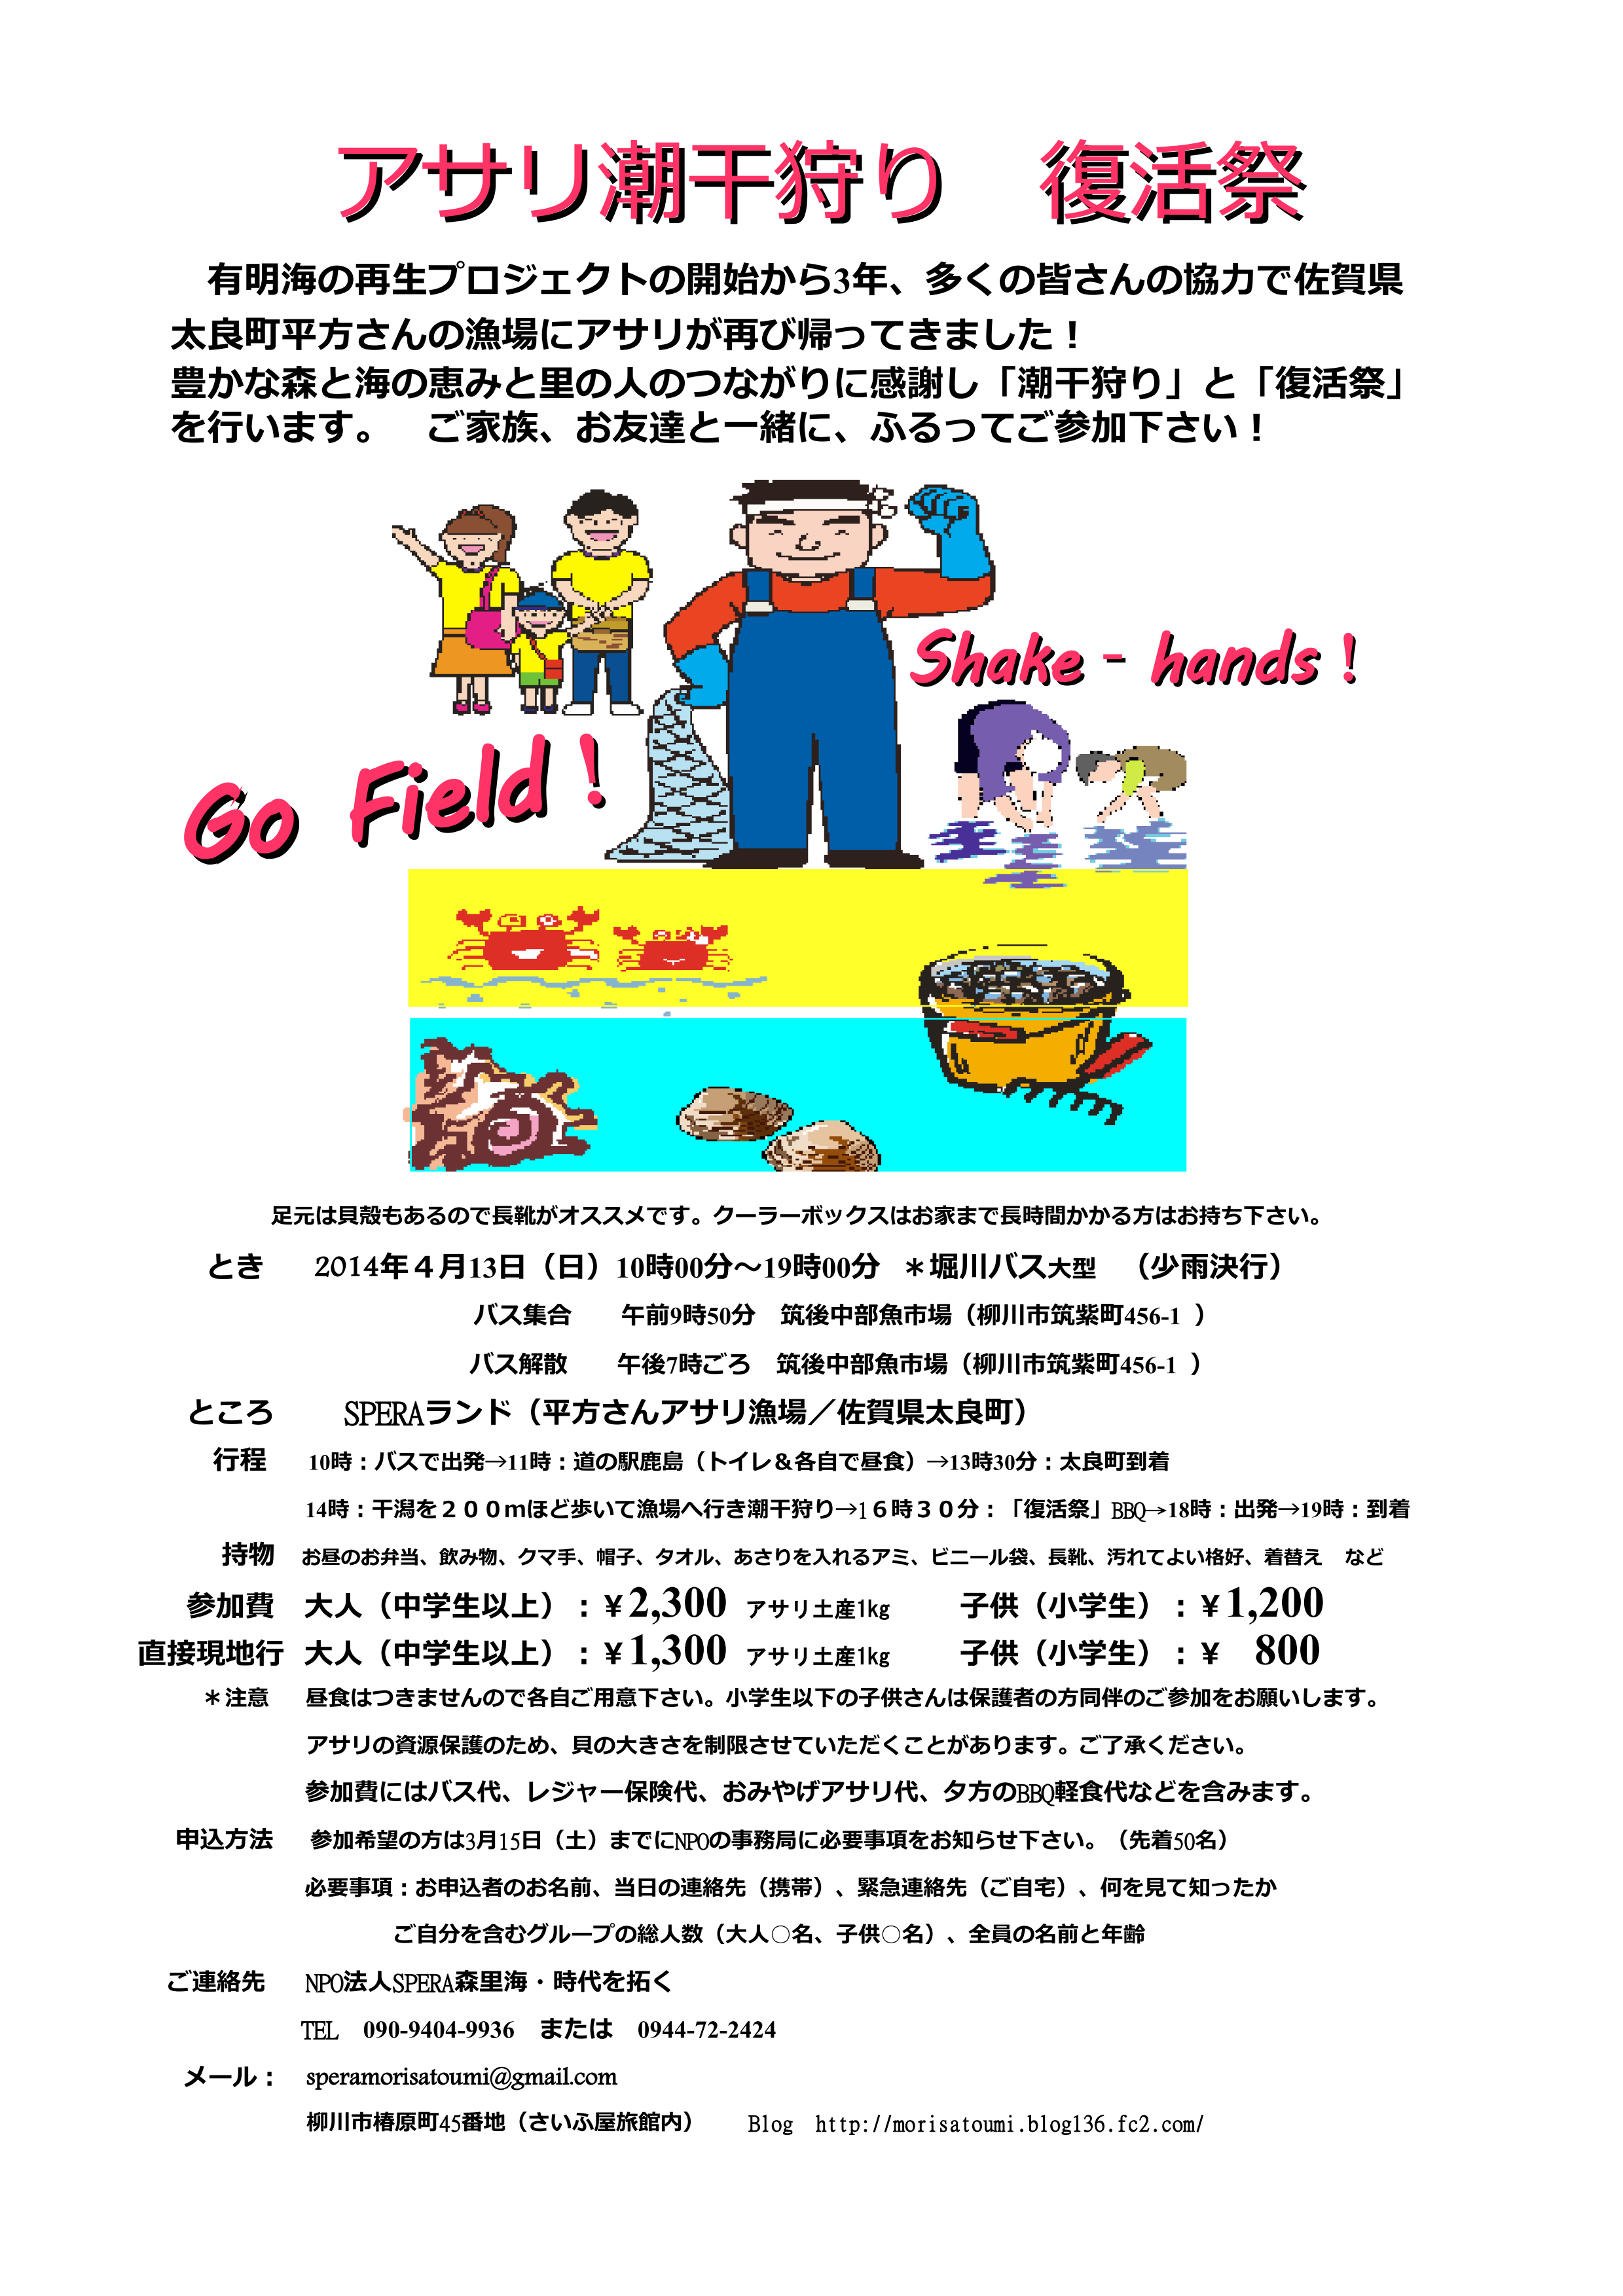 20140413太良町潮干狩り収穫祭_01